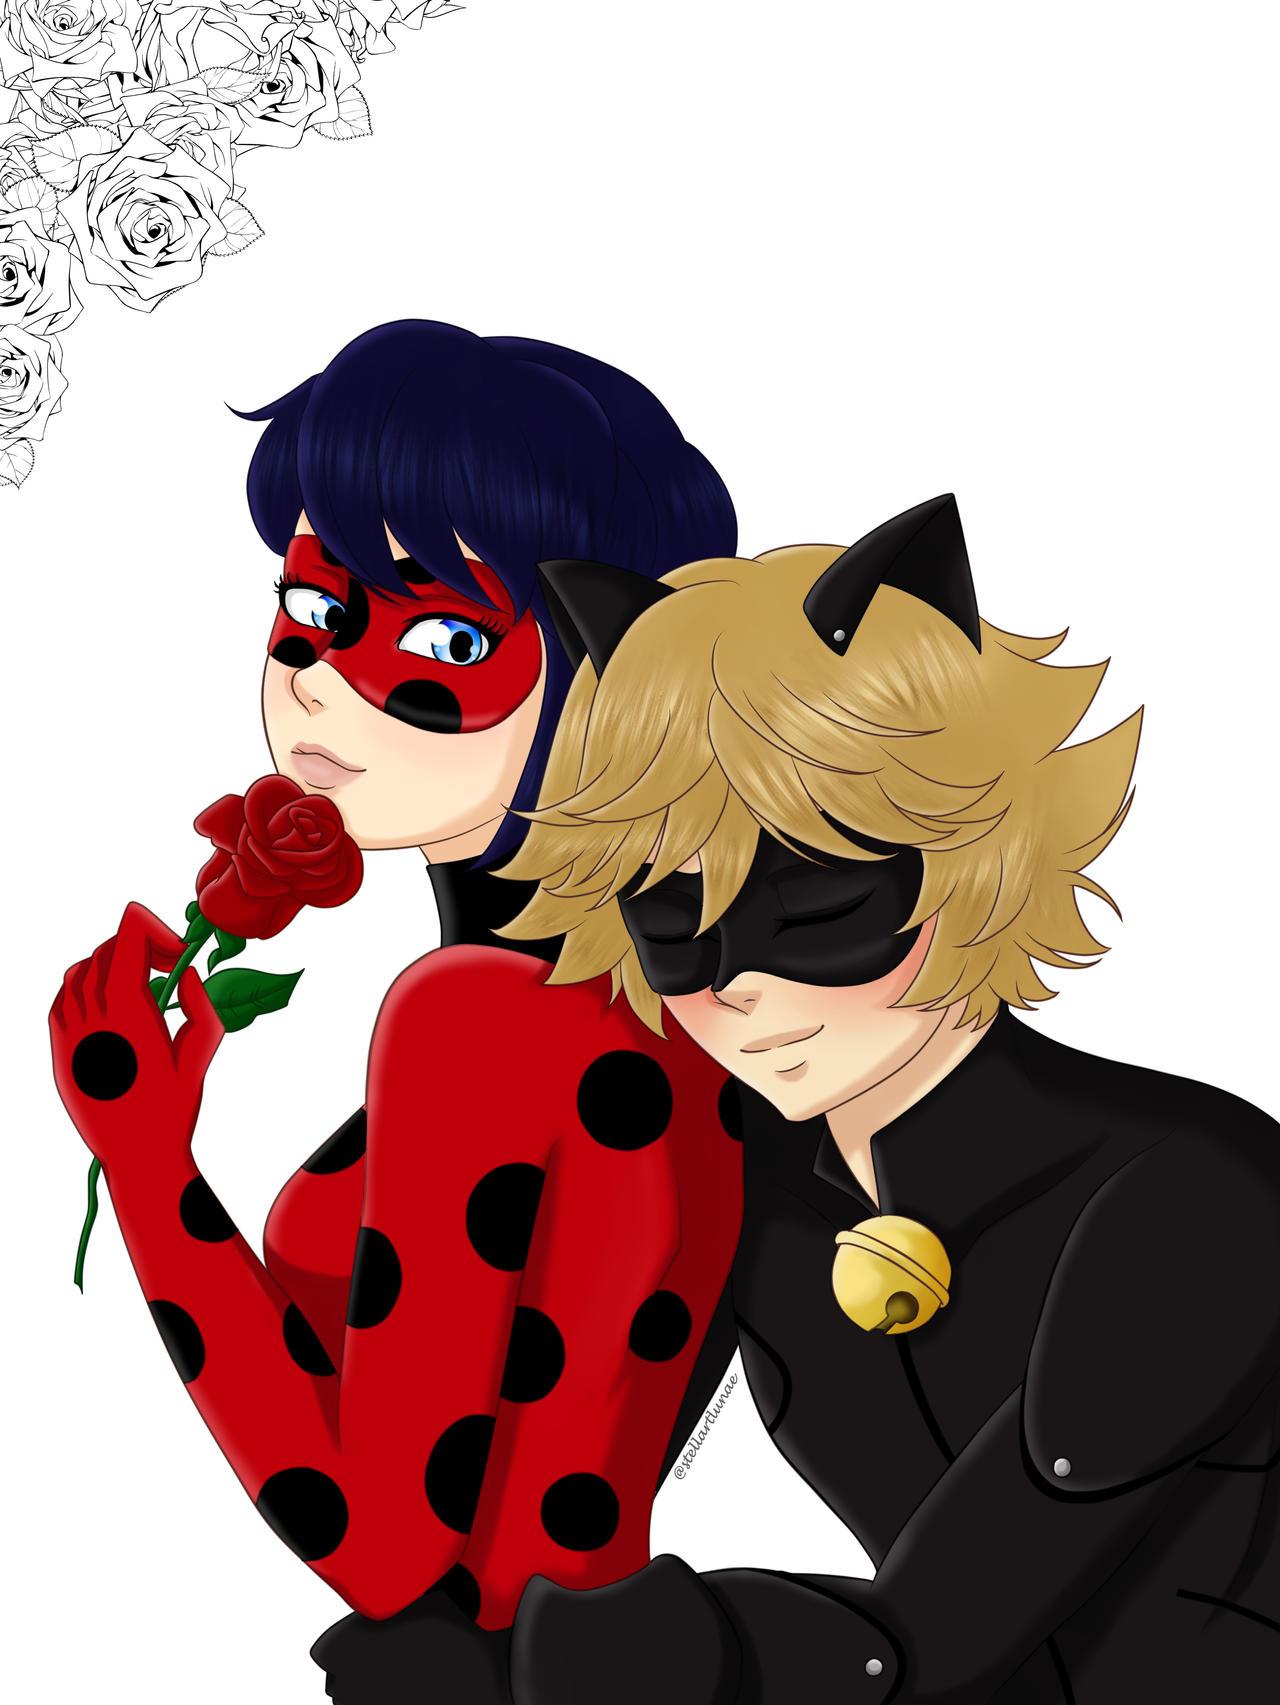 Ladybug chat lemon x noir Chat Noir